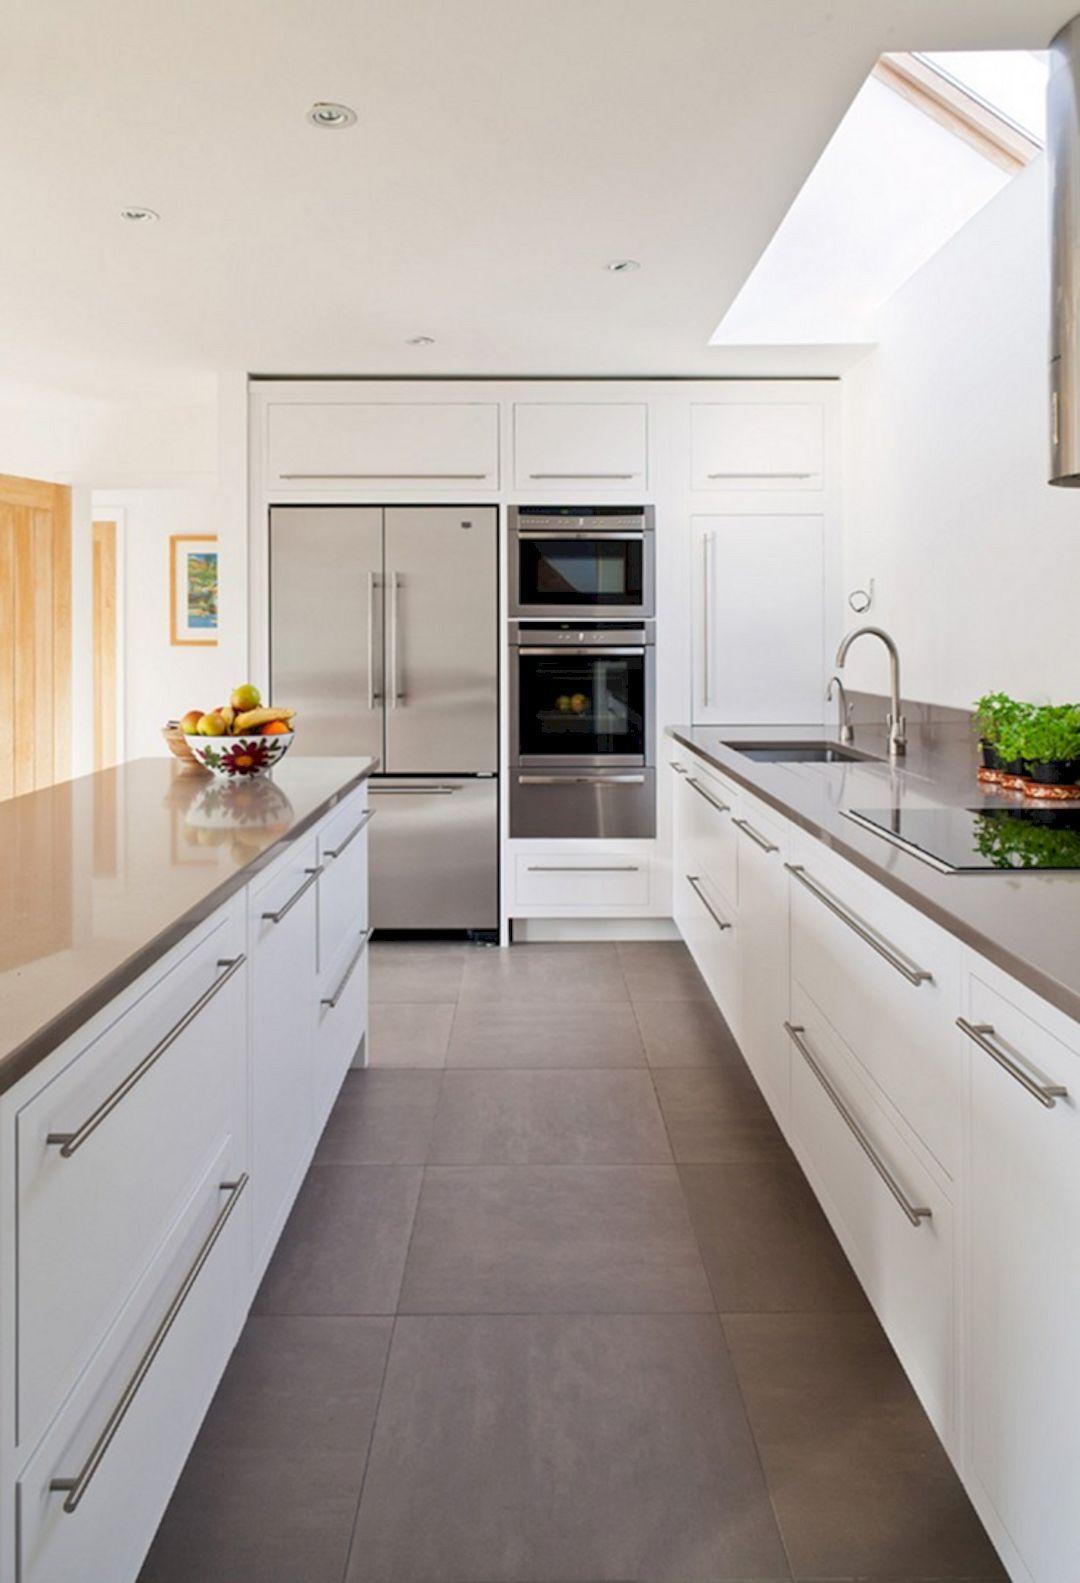 Stylish modern kitchen cabinet design ideas modern kitchen